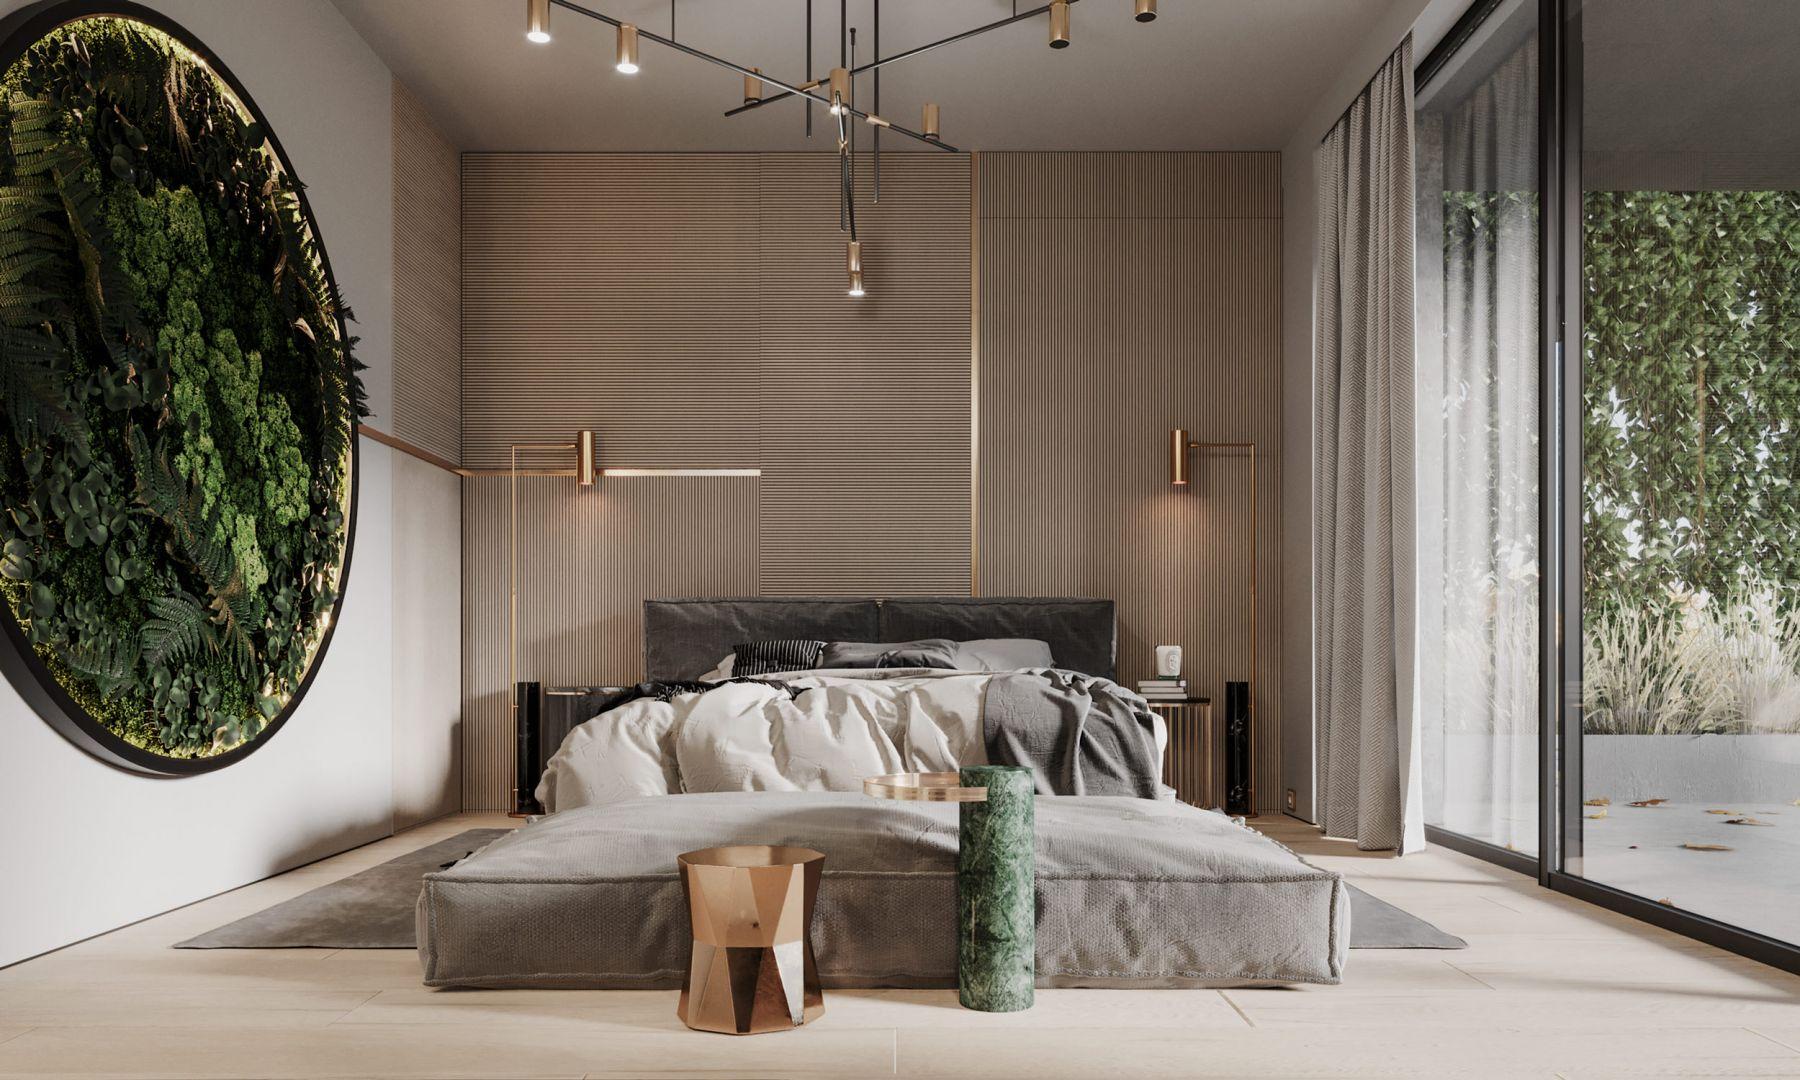 Główna sypialnia z własną garderobą oraz odrębną łazienką tworzy wygodną strefę master. Najważniejszym meblem jest tutaj oczywiście komfortowe łóżko (NOBONOBO), które uzyskało oprawę o bardzo graficznym charakterze. Projekt Modeko.studio